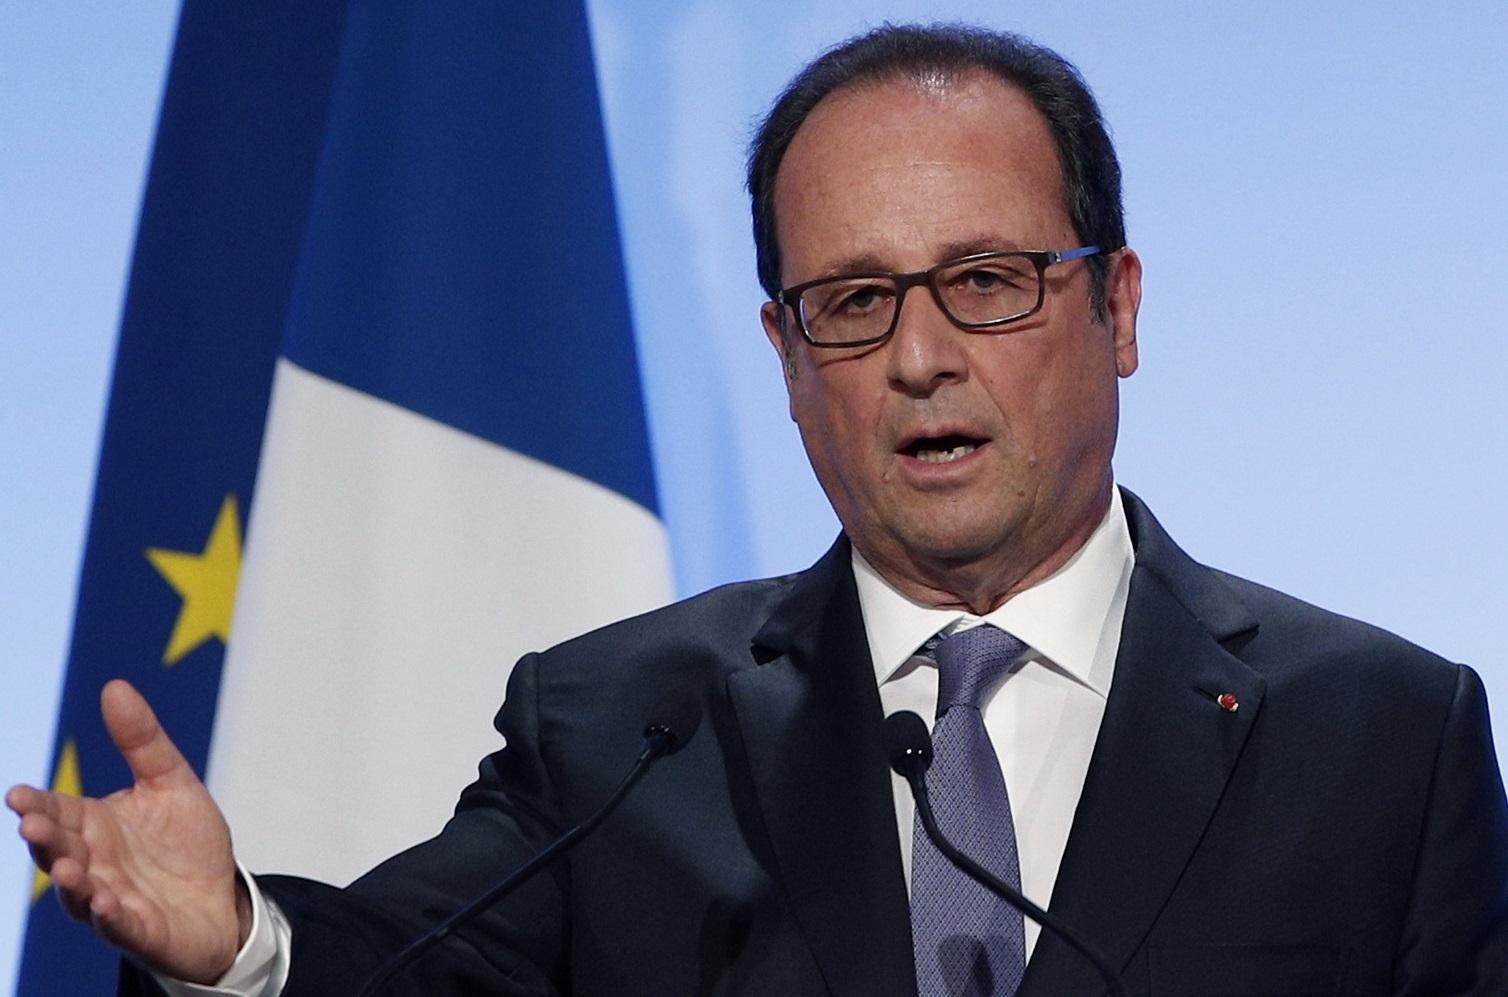 François Hollande lors de son discours ce lundi 5 septembre à Paris. D. R.